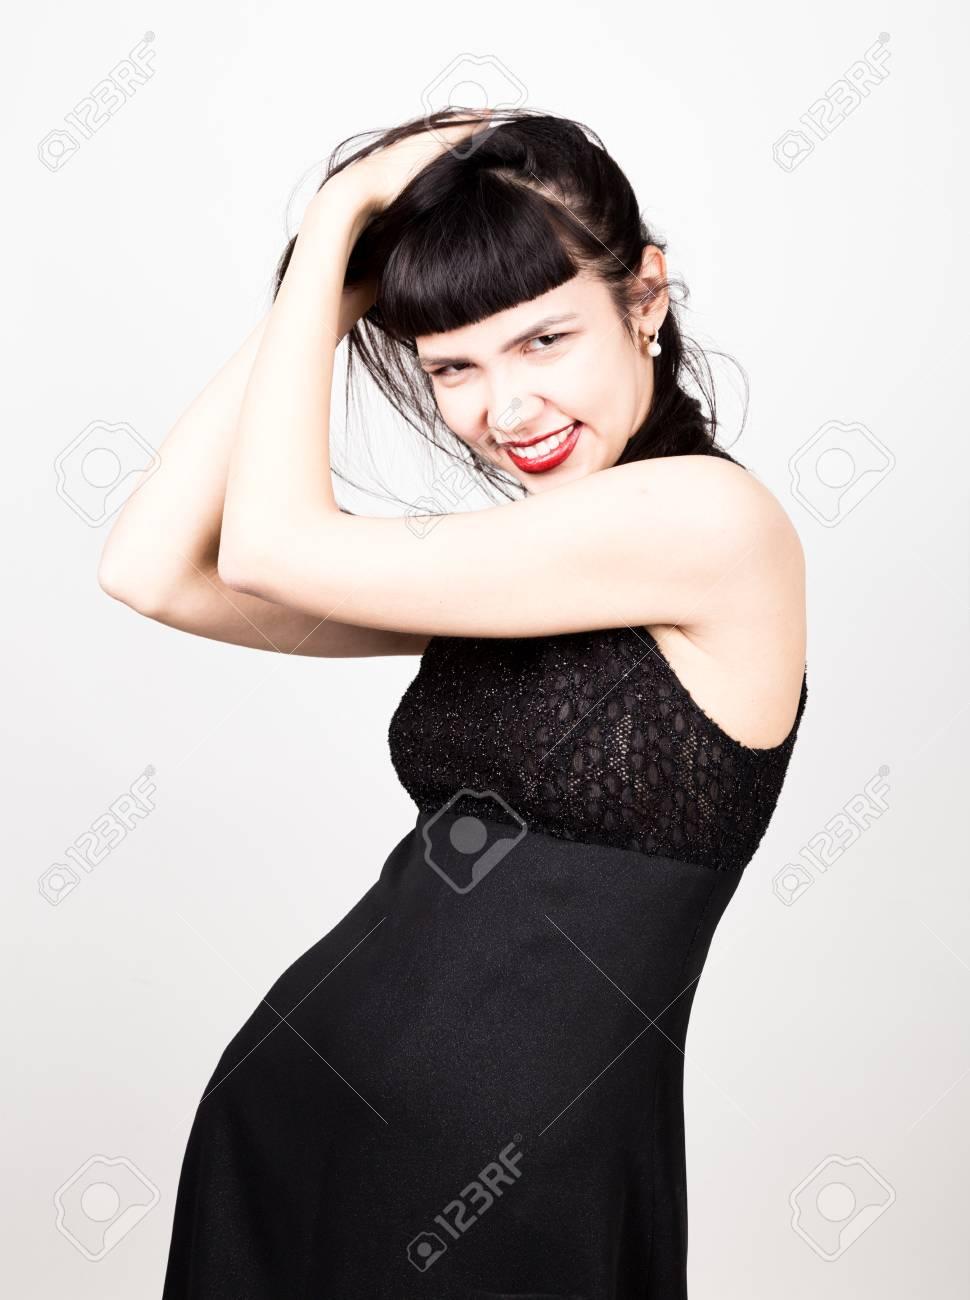 Hermosa Mujer Joven En Un Corto Vestido Negro Y Medias Negras